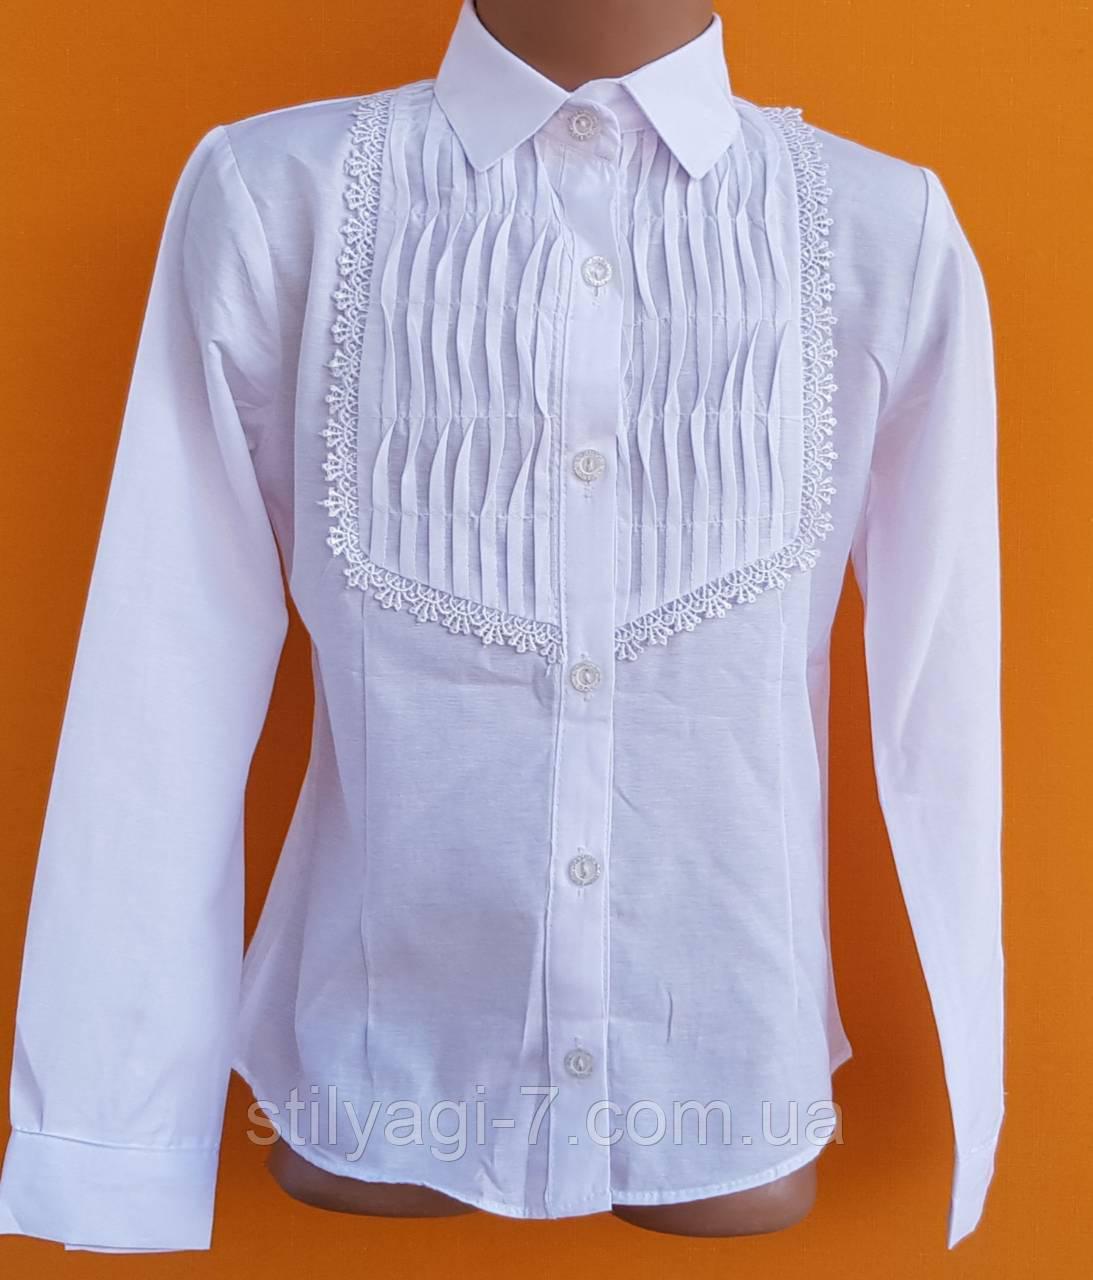 Блузка для девочки 10-13 лет белого цвета оптом